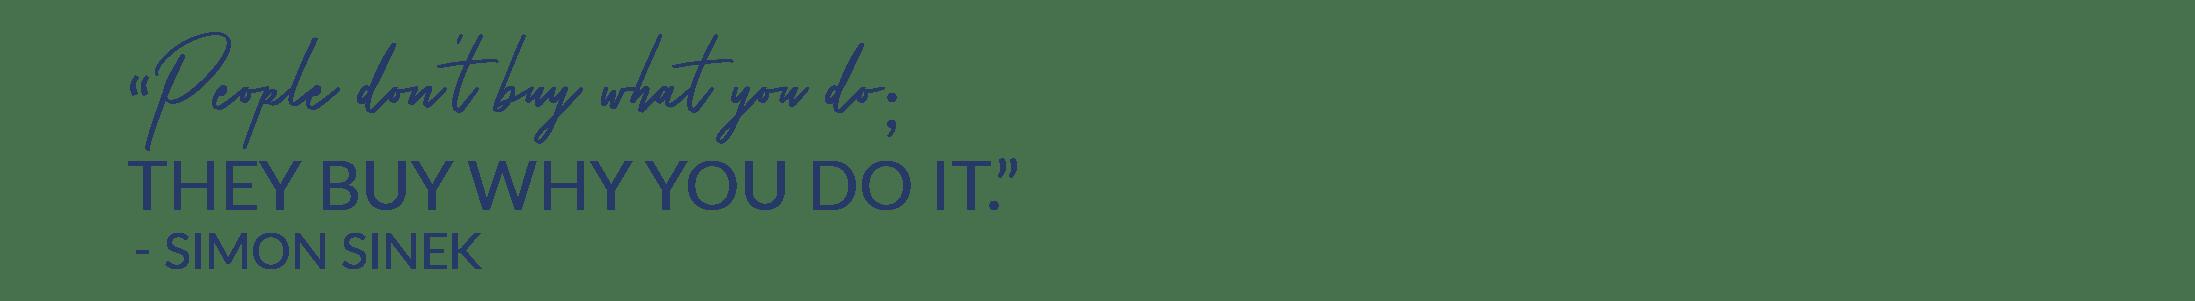 Branding_people